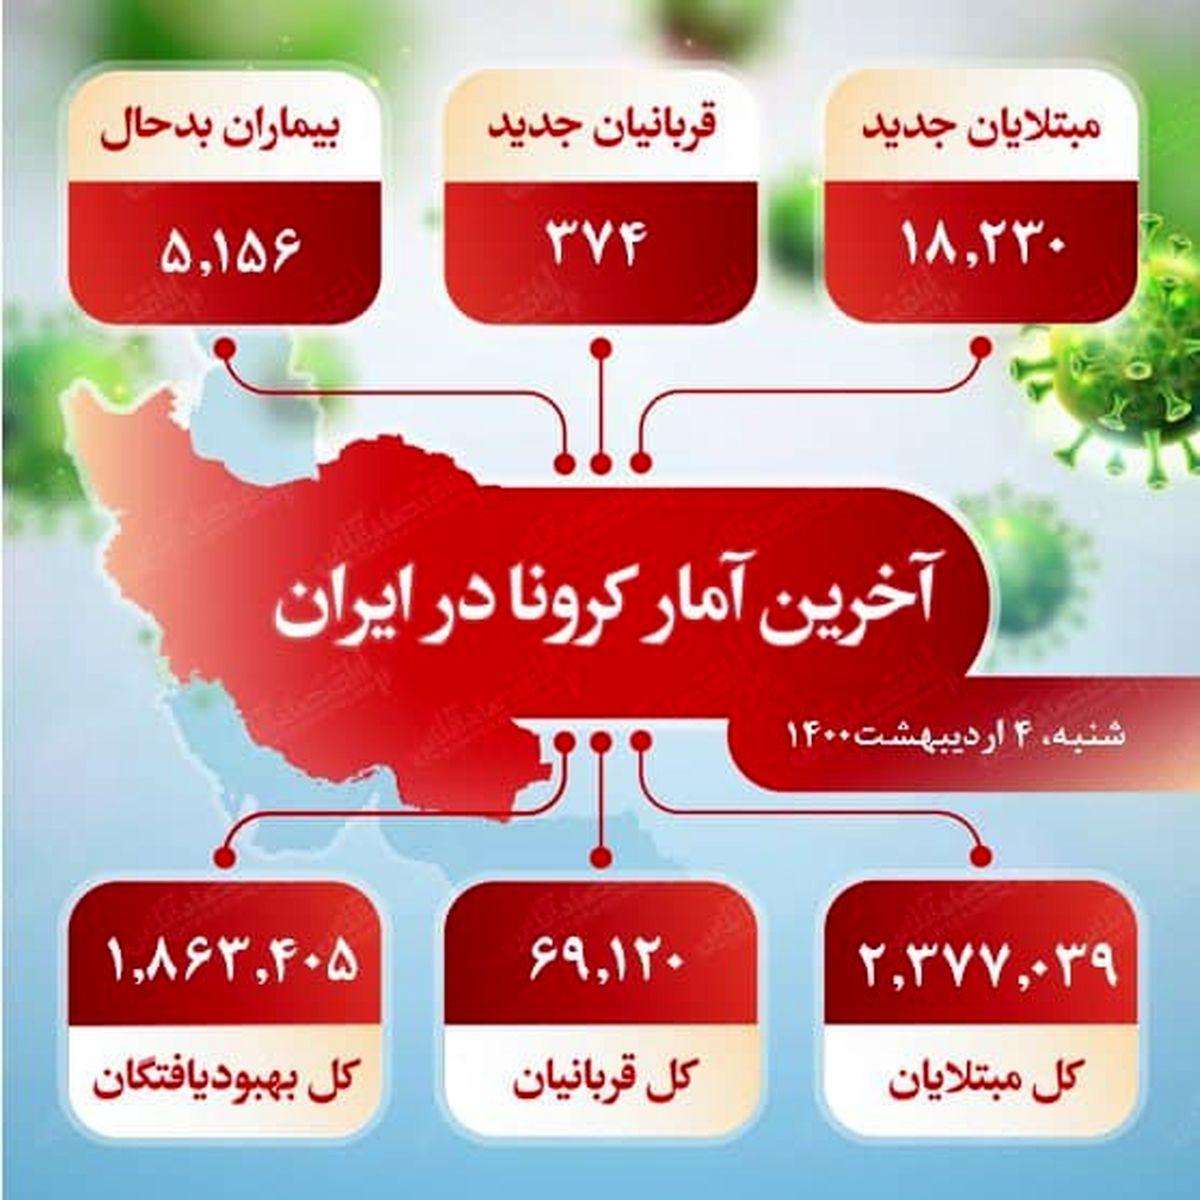 آخرین آمار کرونا در ایران (۱۴۰۰/۲/۴)